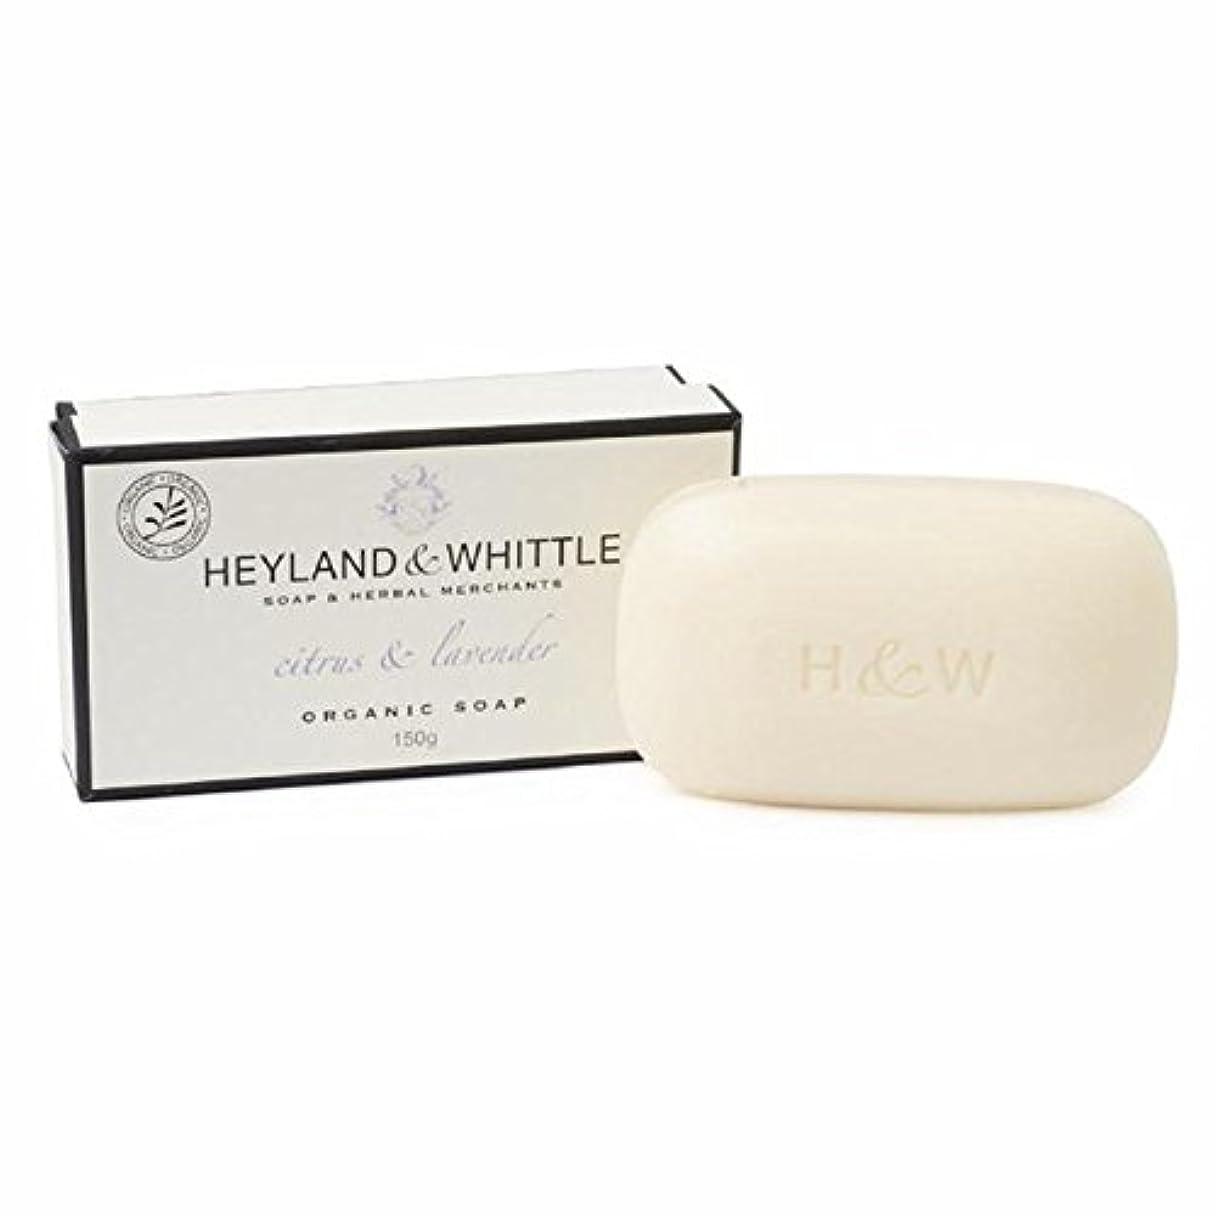 配分墓コンパクト&削るシトラス&ラベンダーは、有機石鹸150グラム箱入り x4 - Heyland & Whittle Citrus & Lavender Boxed Organic Soap 150g (Pack of 4) [並行輸入品]